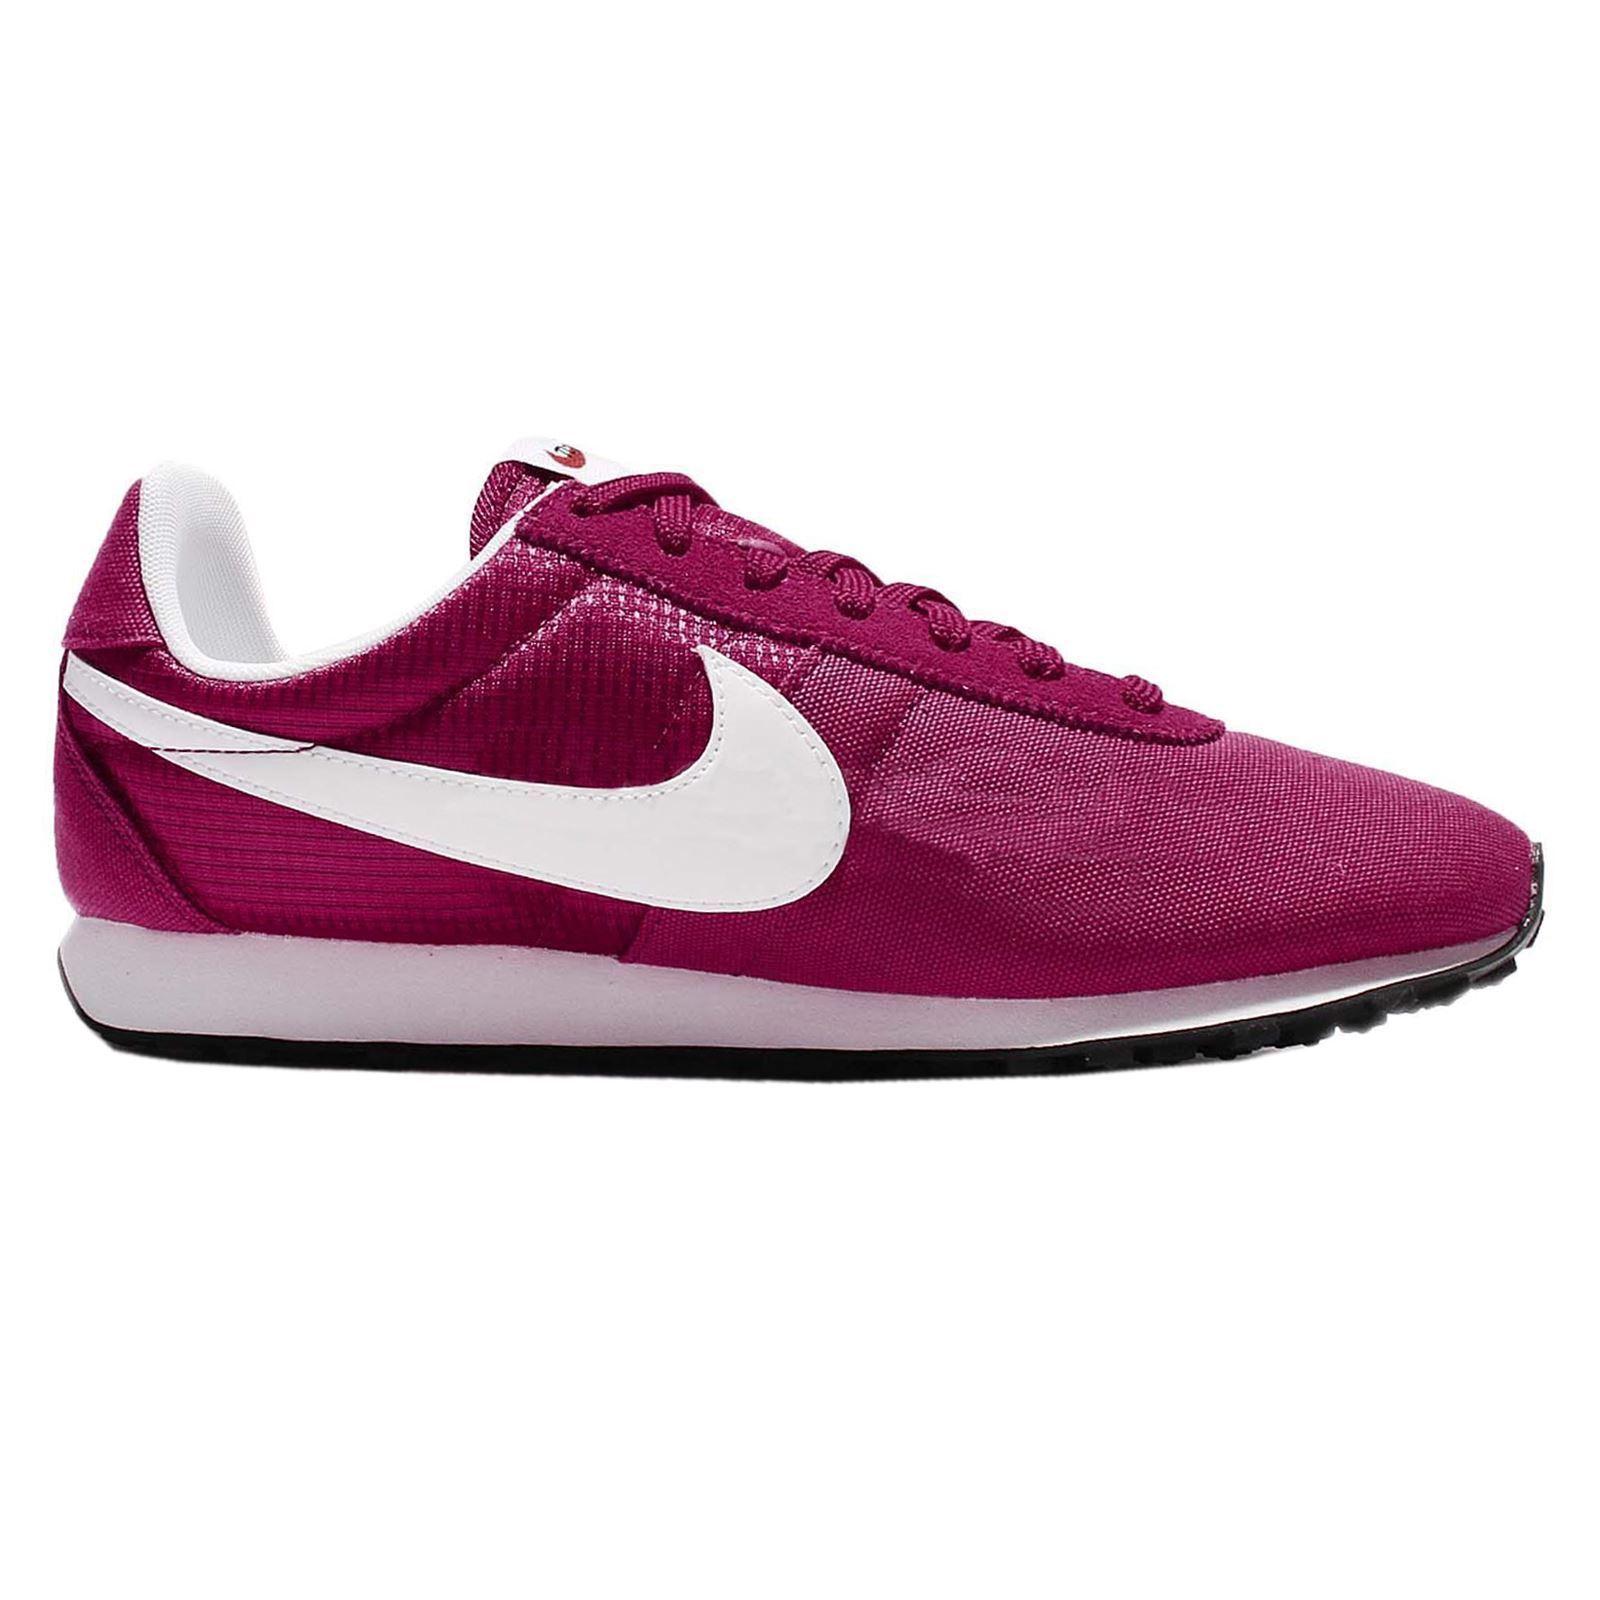 Los zapatos más populares para hombres y mujeres Descuento por tiempo limitado Nike Pre Montreal Racer Vintage Sport Fuchsia White Womens Casual Laced Trainers